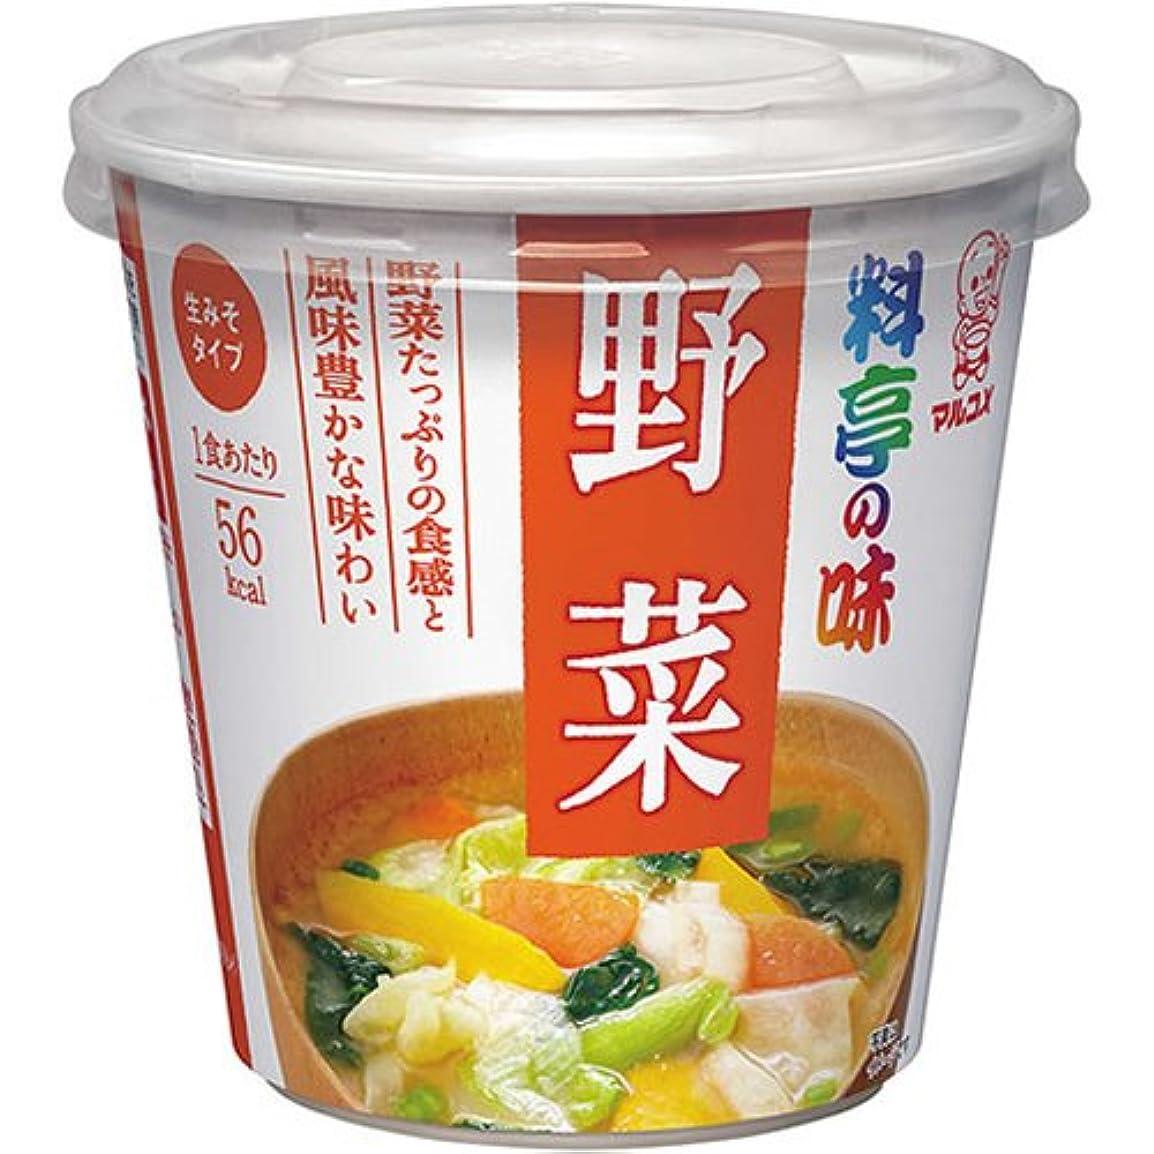 ギャンブルナプキンリファインマルコメ カップ料亭の味 野菜 即席味噌汁 6個